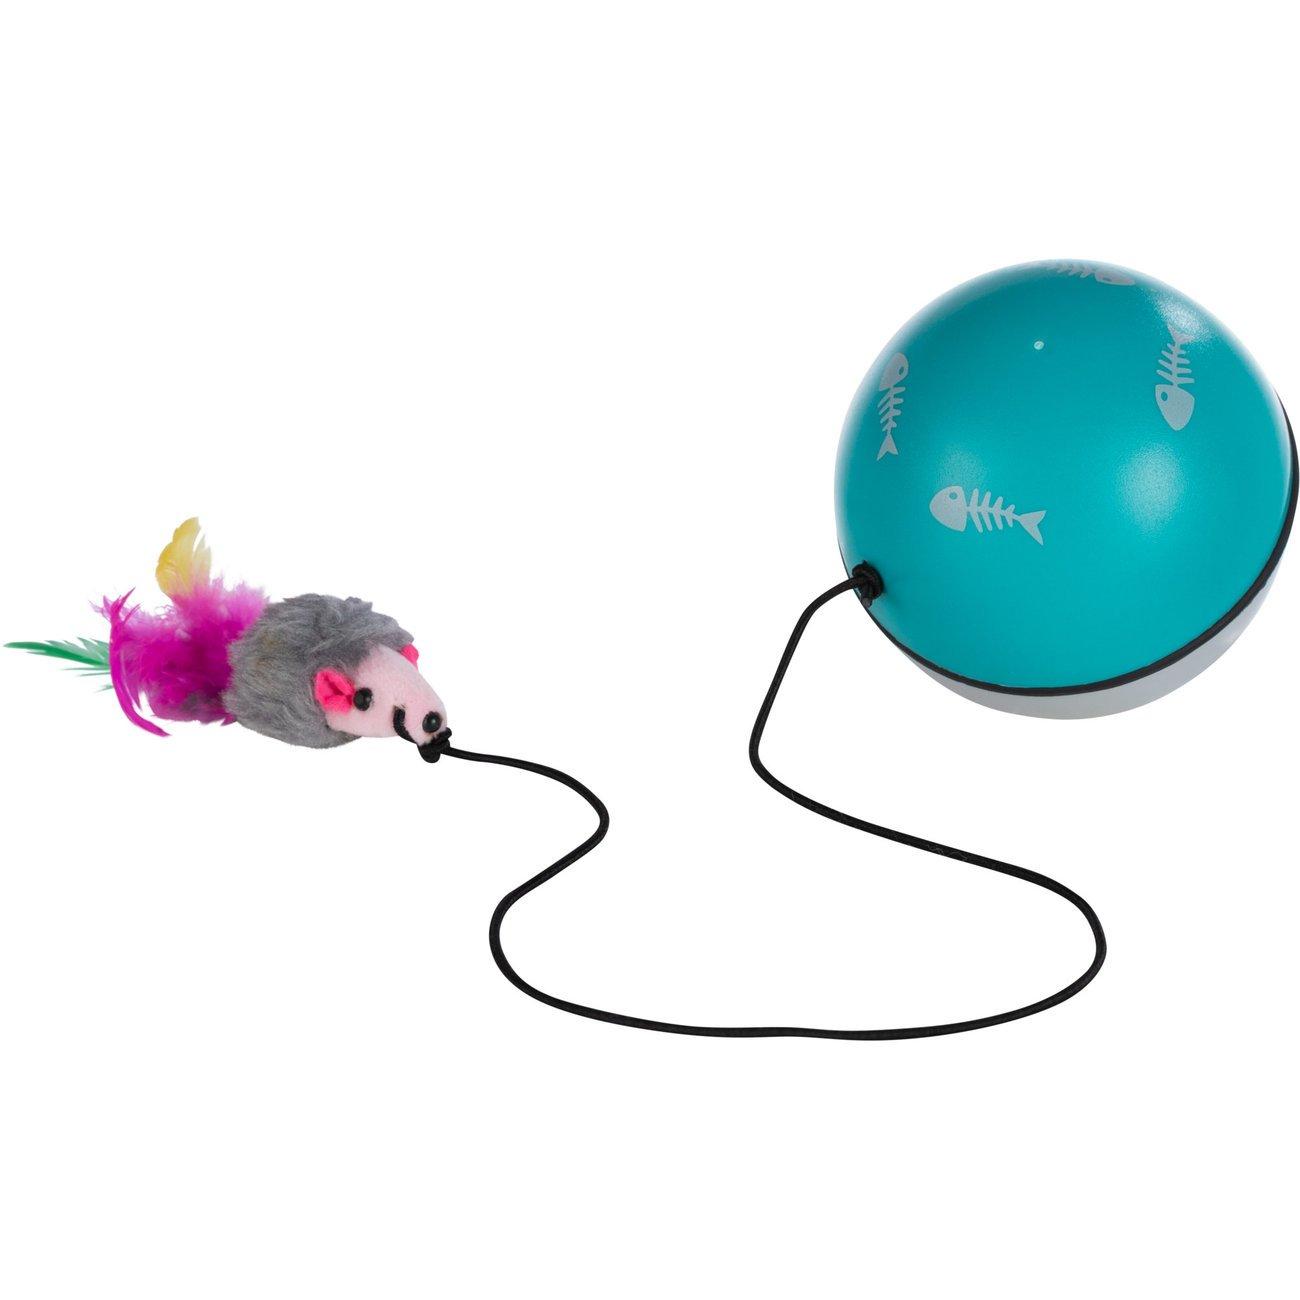 TRIXIE Katzenball Turbinio mit Motor und Maus Preview Image